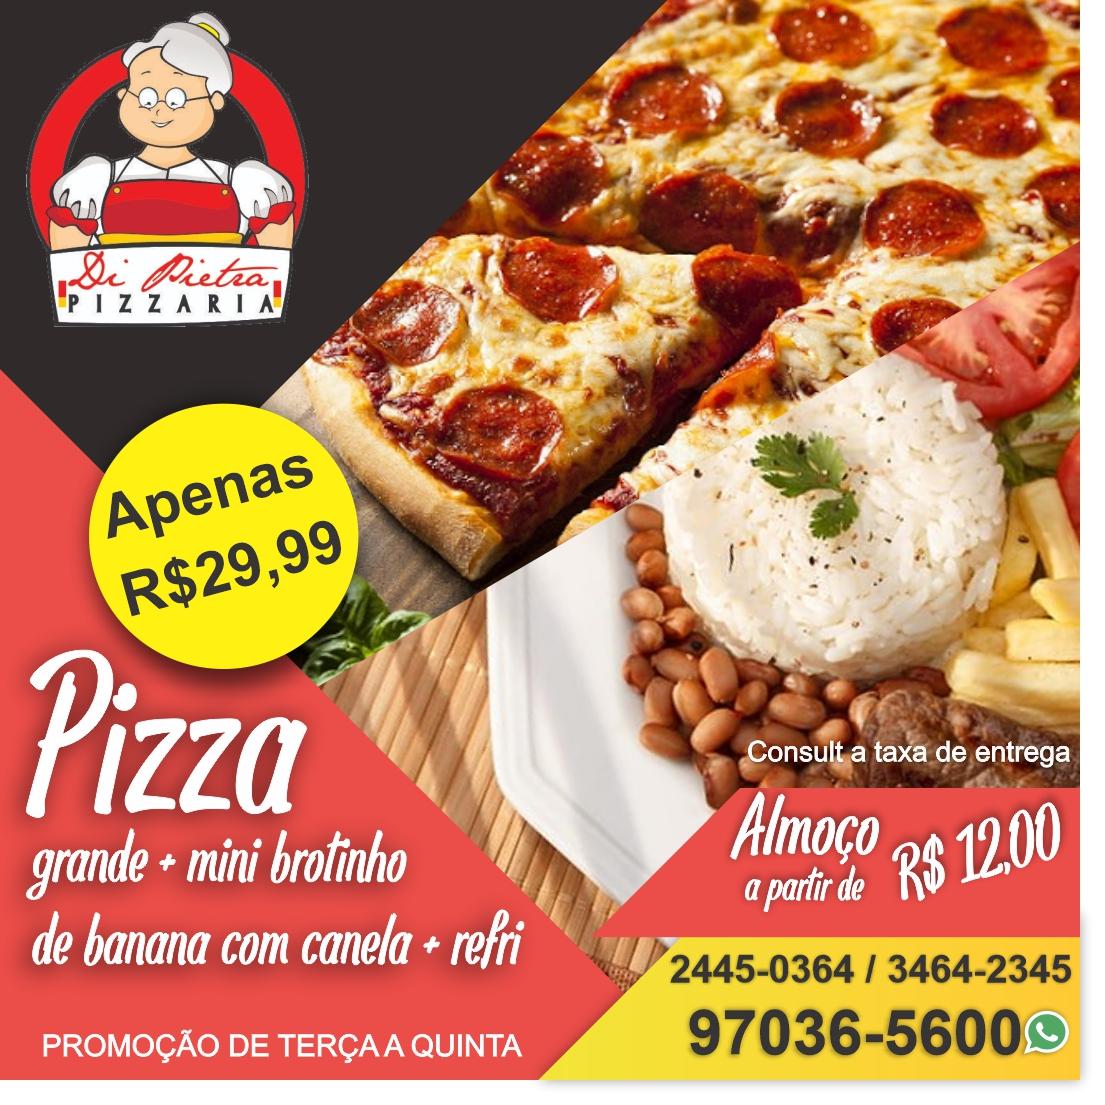 Pizzaria Di Pietra, Pizza, almoço e quentinhas